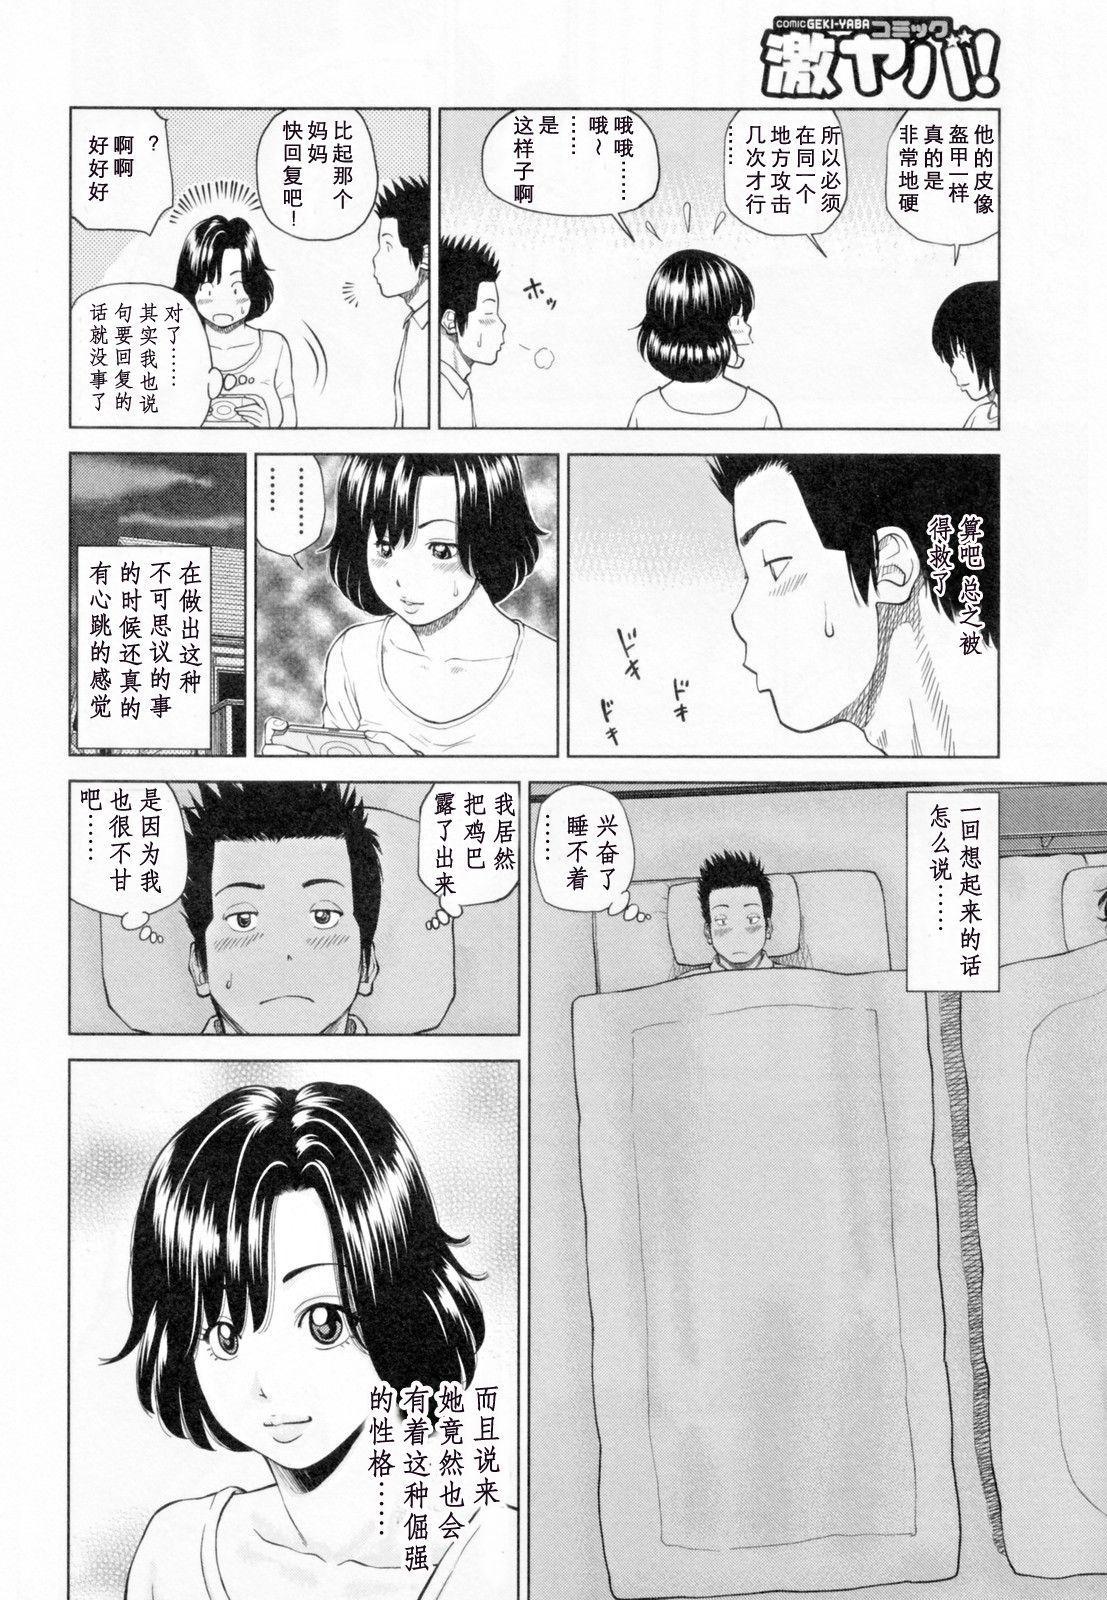 32 Sai Yokkyuufuman no Hitozuma 153